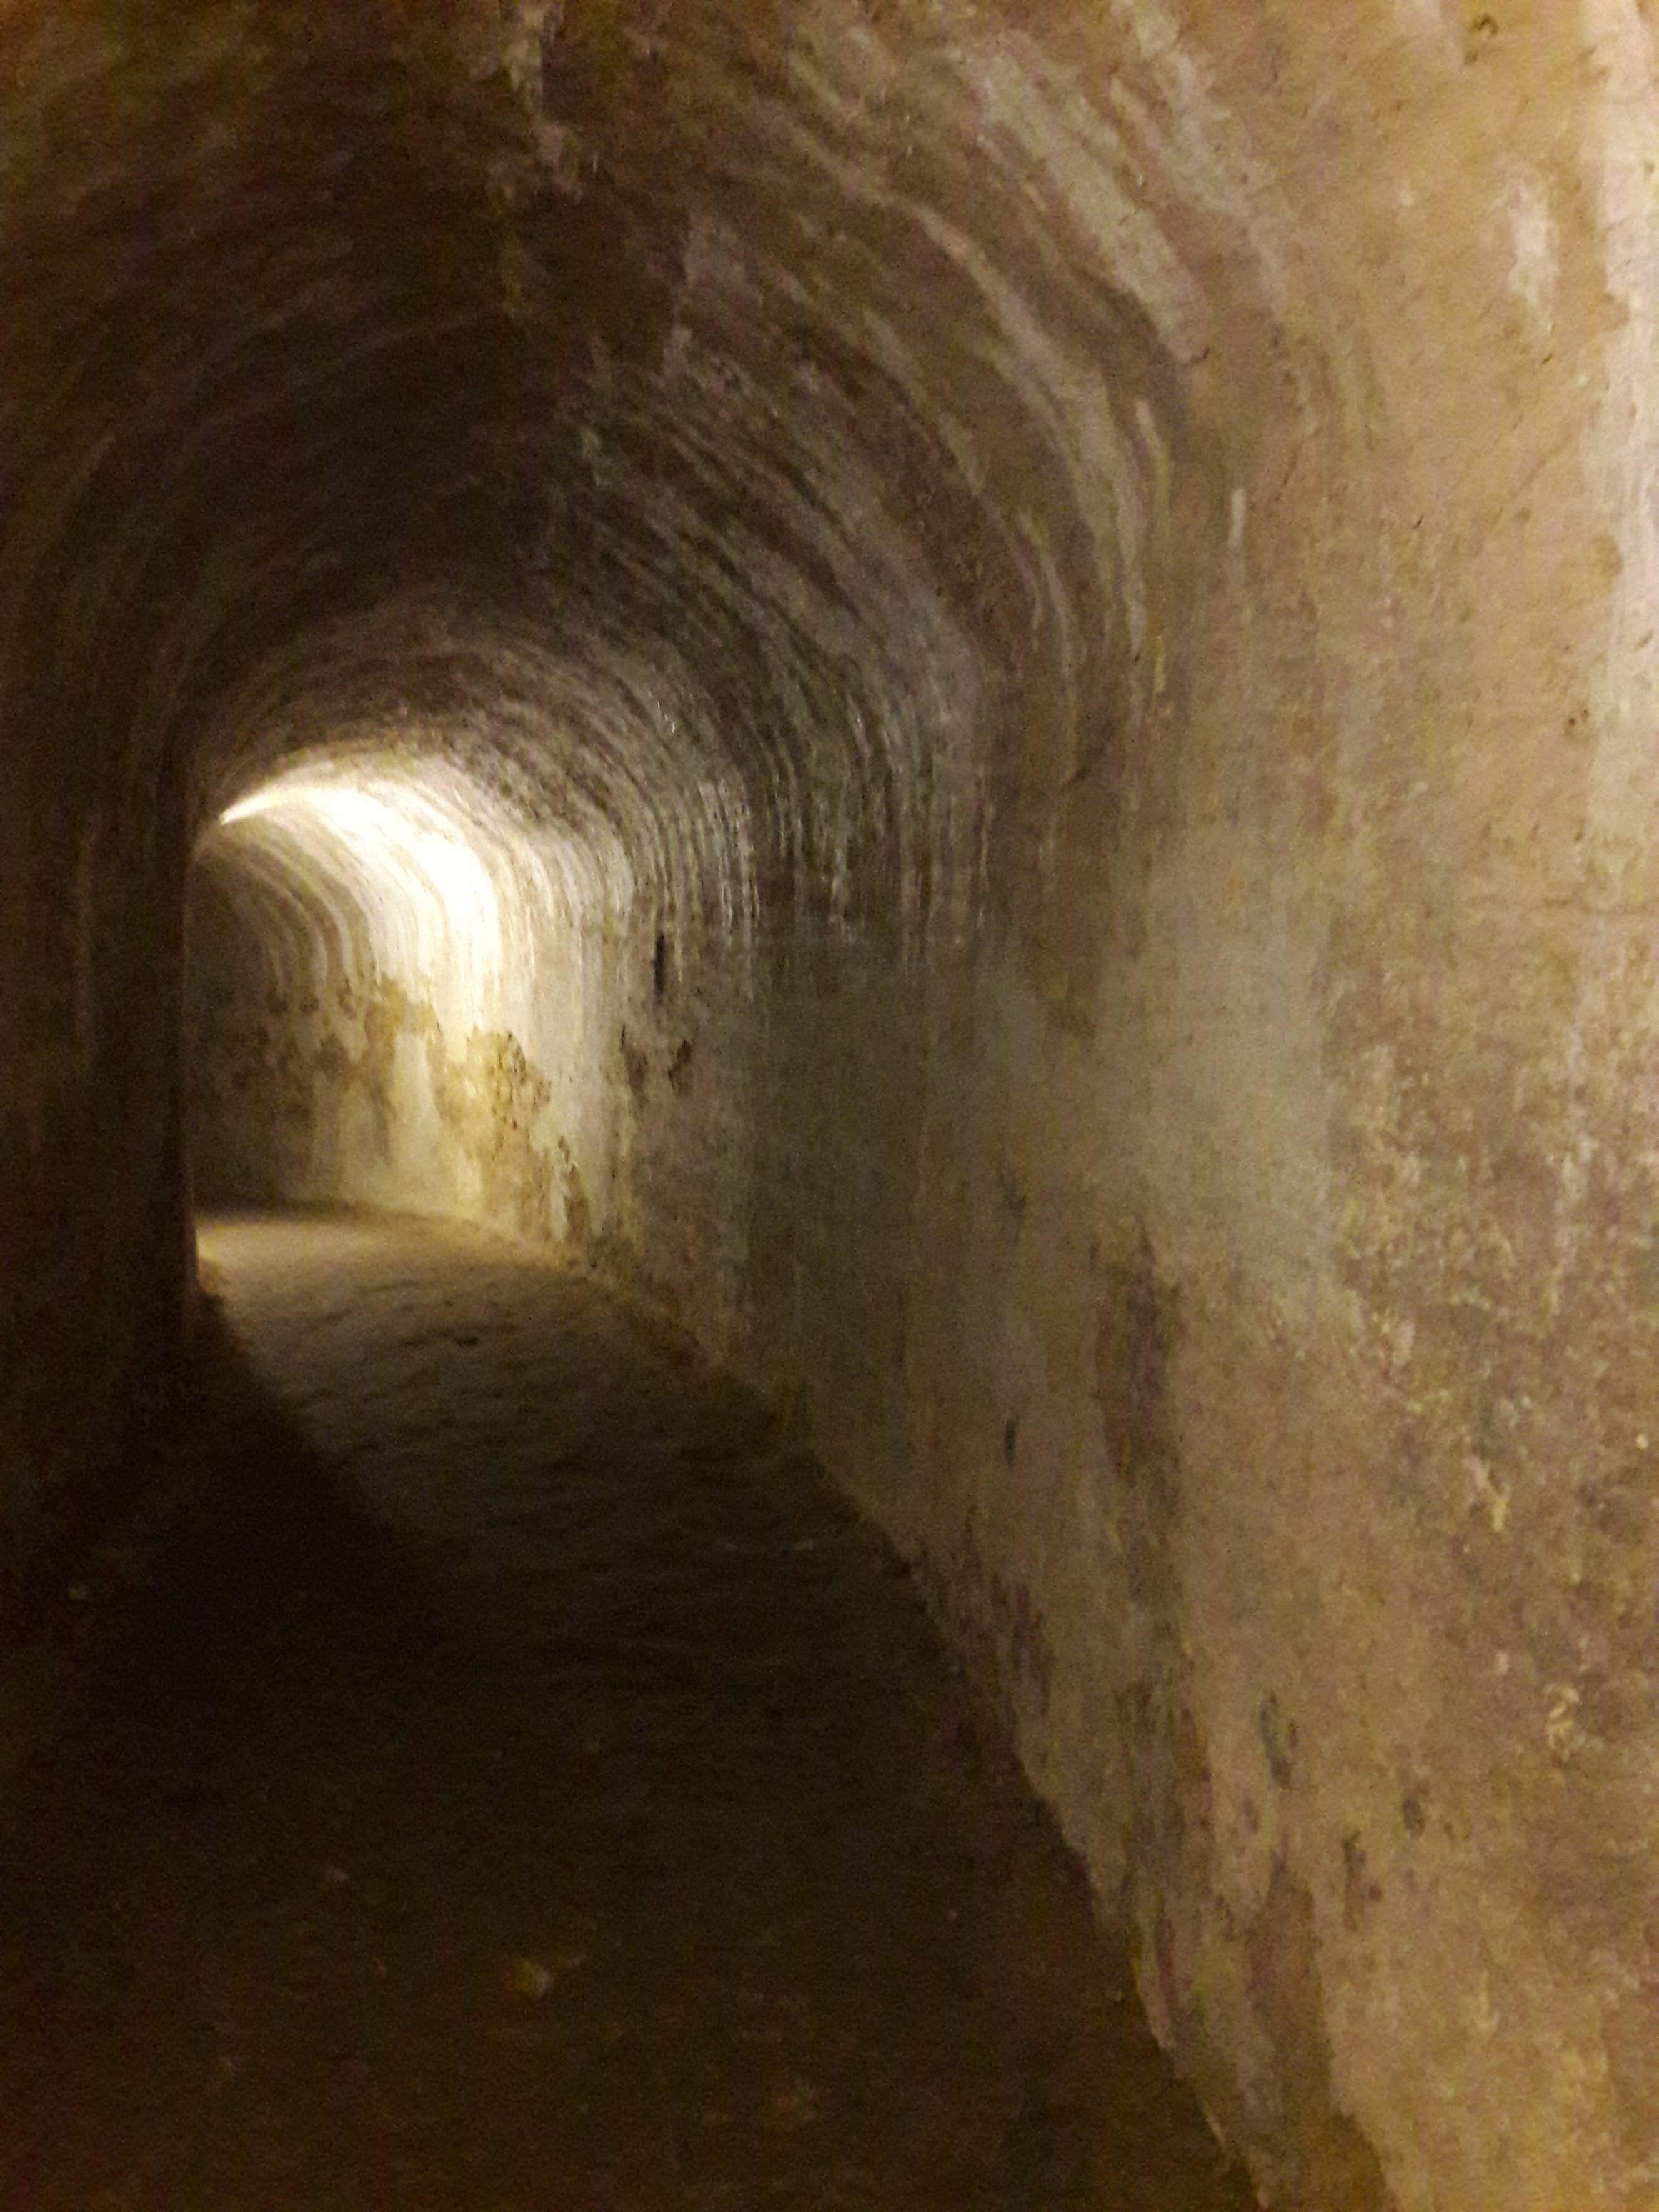 Photo 2: Visite des souterrains de la citadelle de Blaye